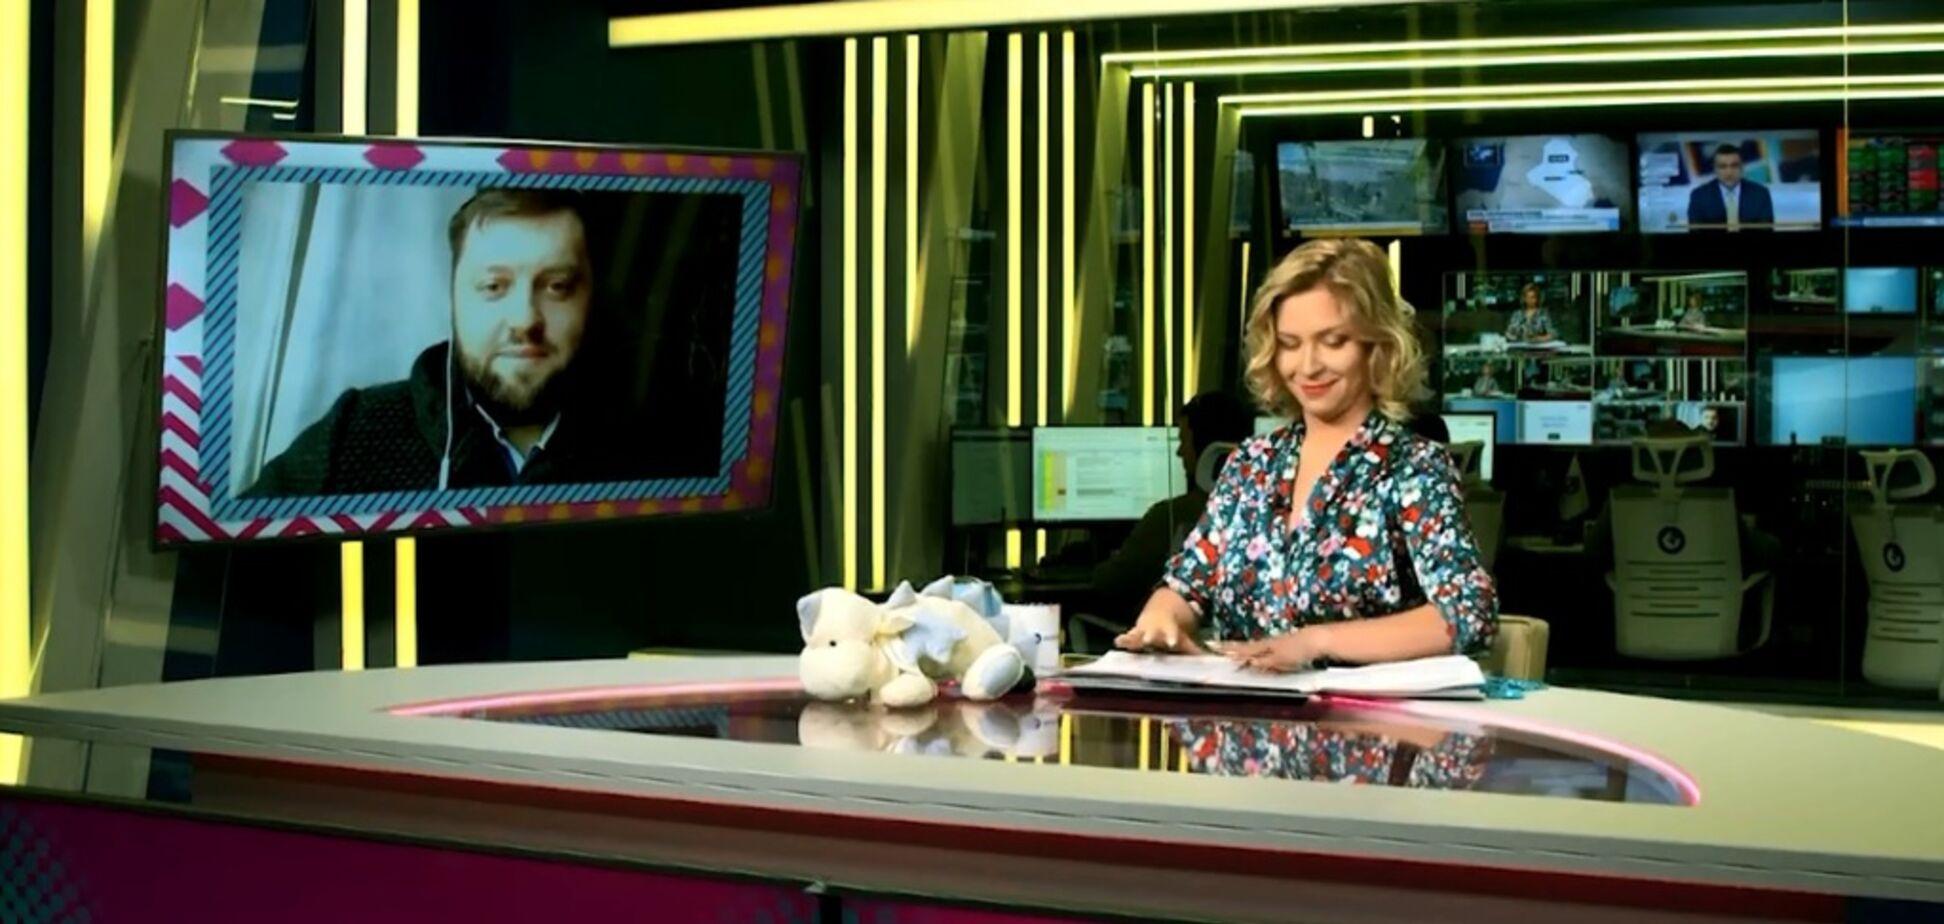 'Блекаути' на супутниковому ТБ: українцям пояснили, за що доведеться заплатити